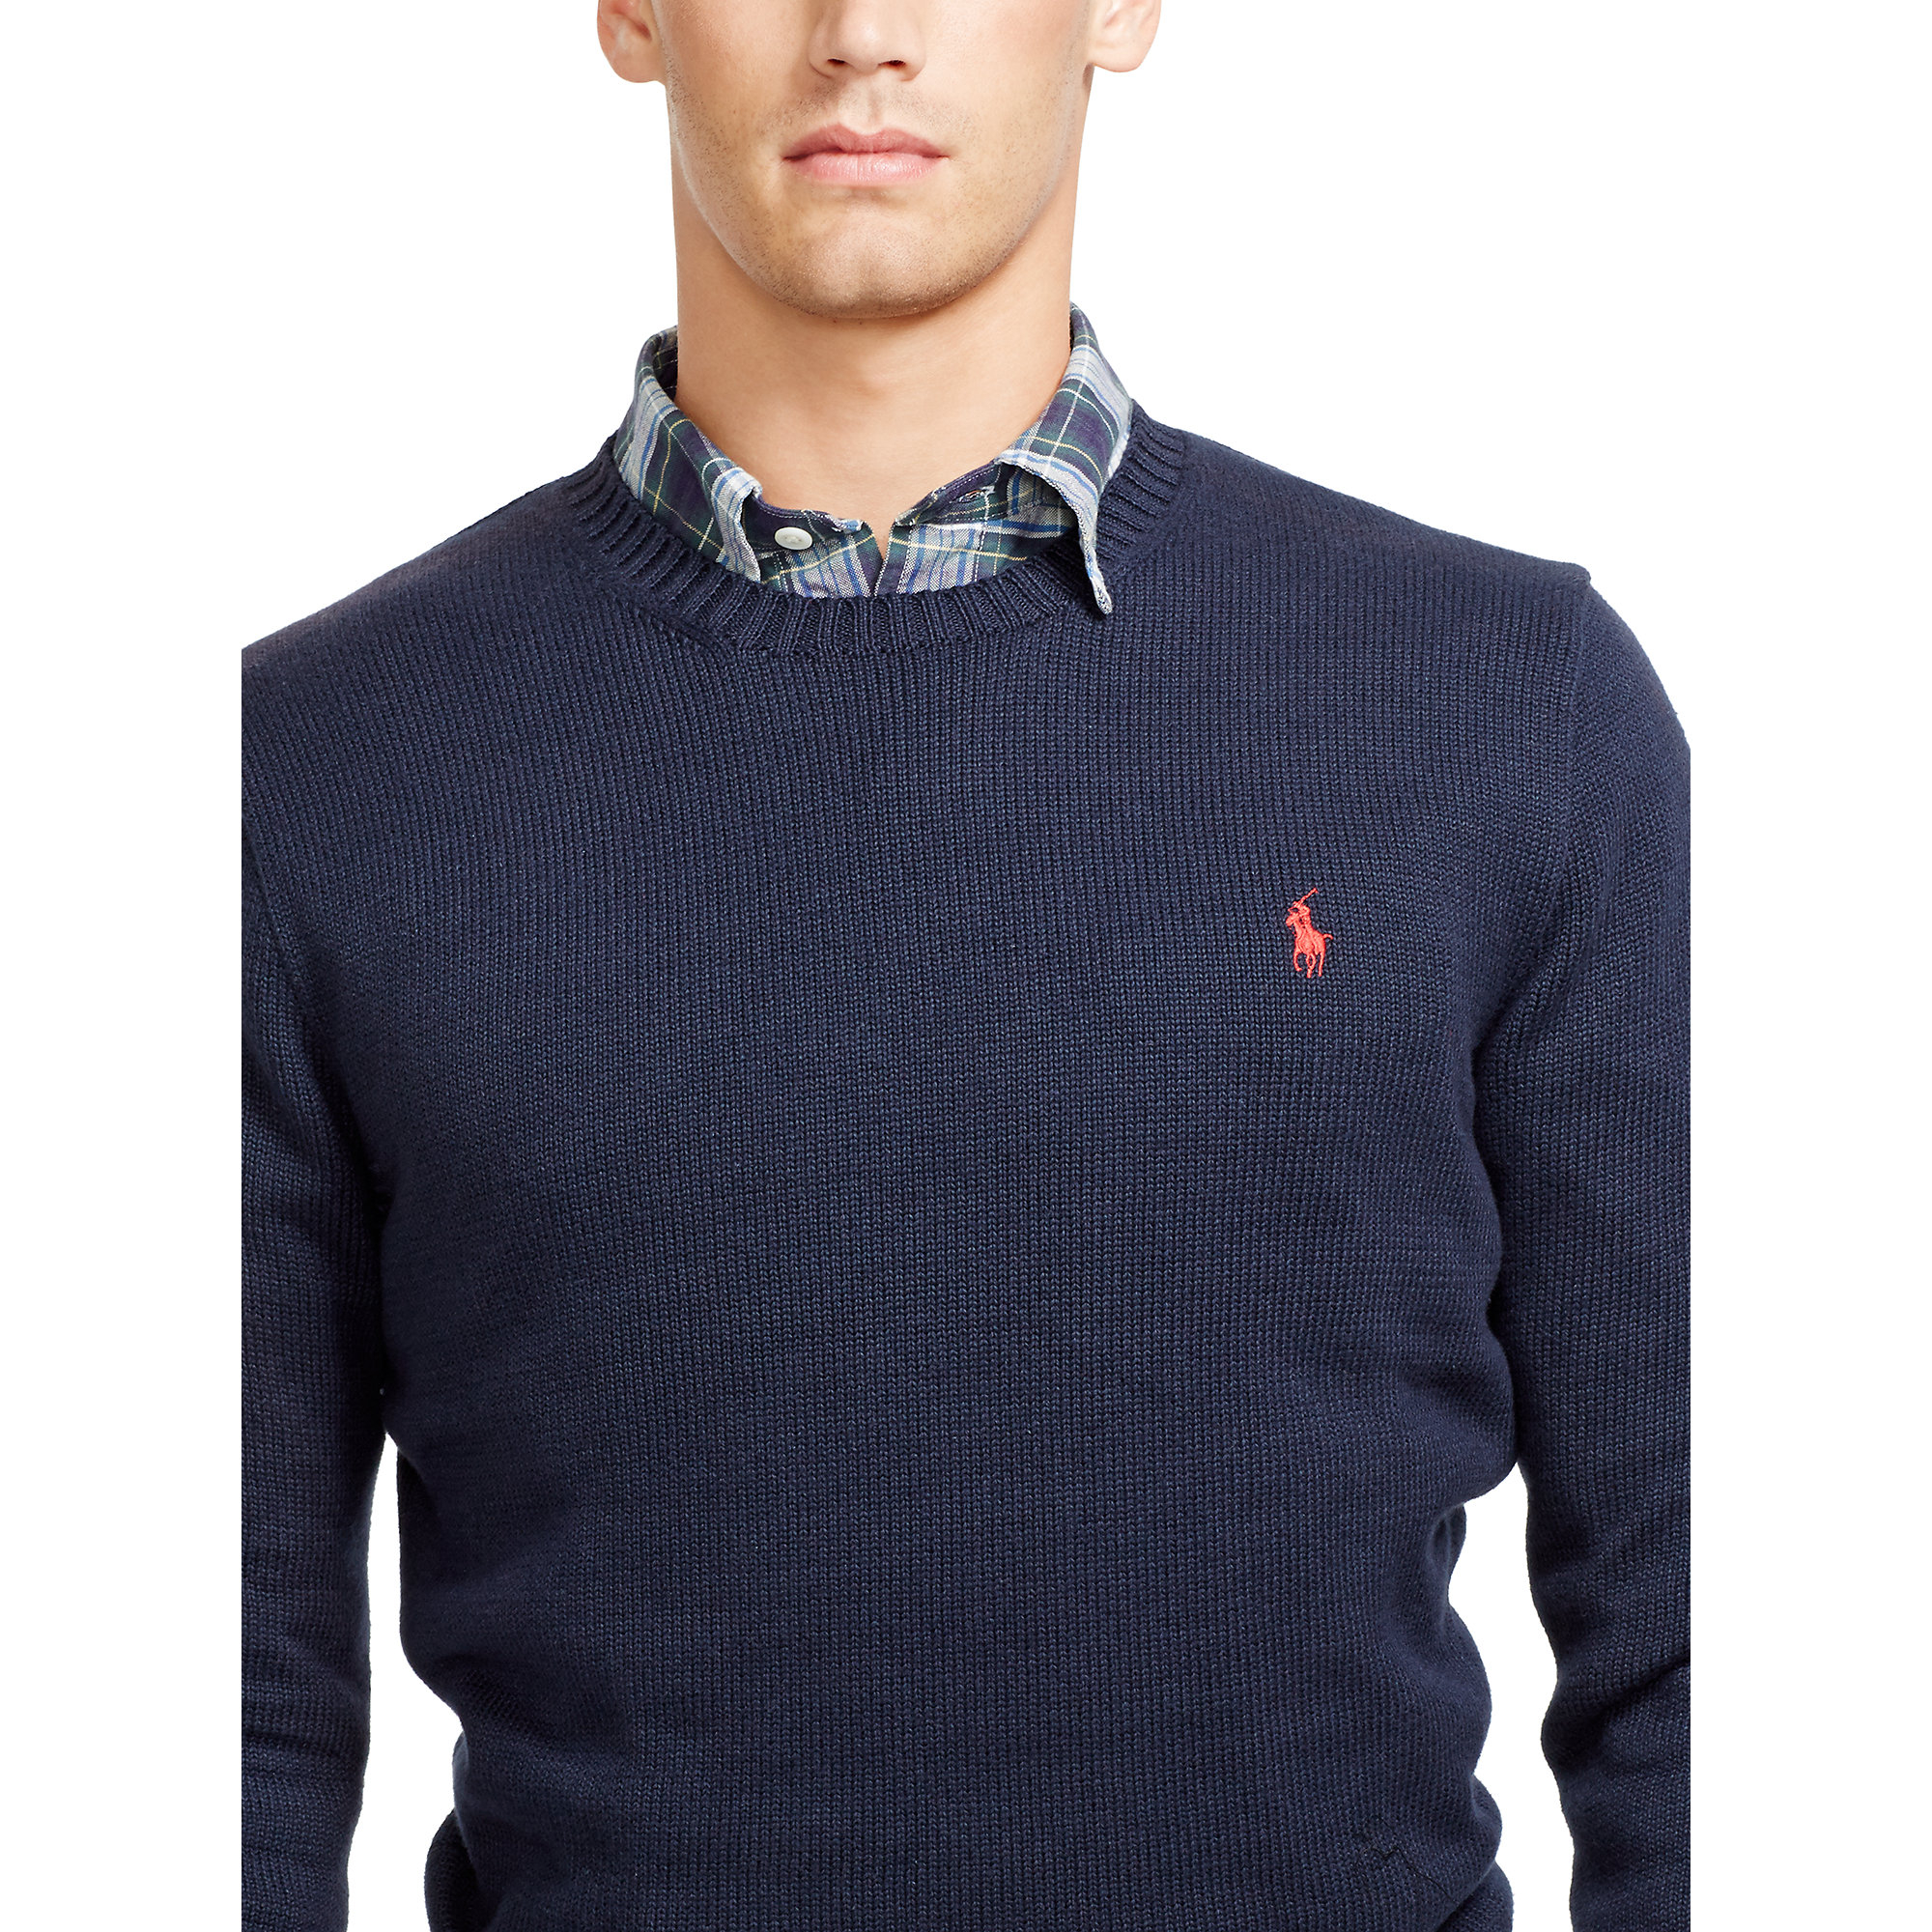 545c1d2dc7d Lyst - Polo Ralph Lauren Cotton Crewneck Sweater in Blue for Men